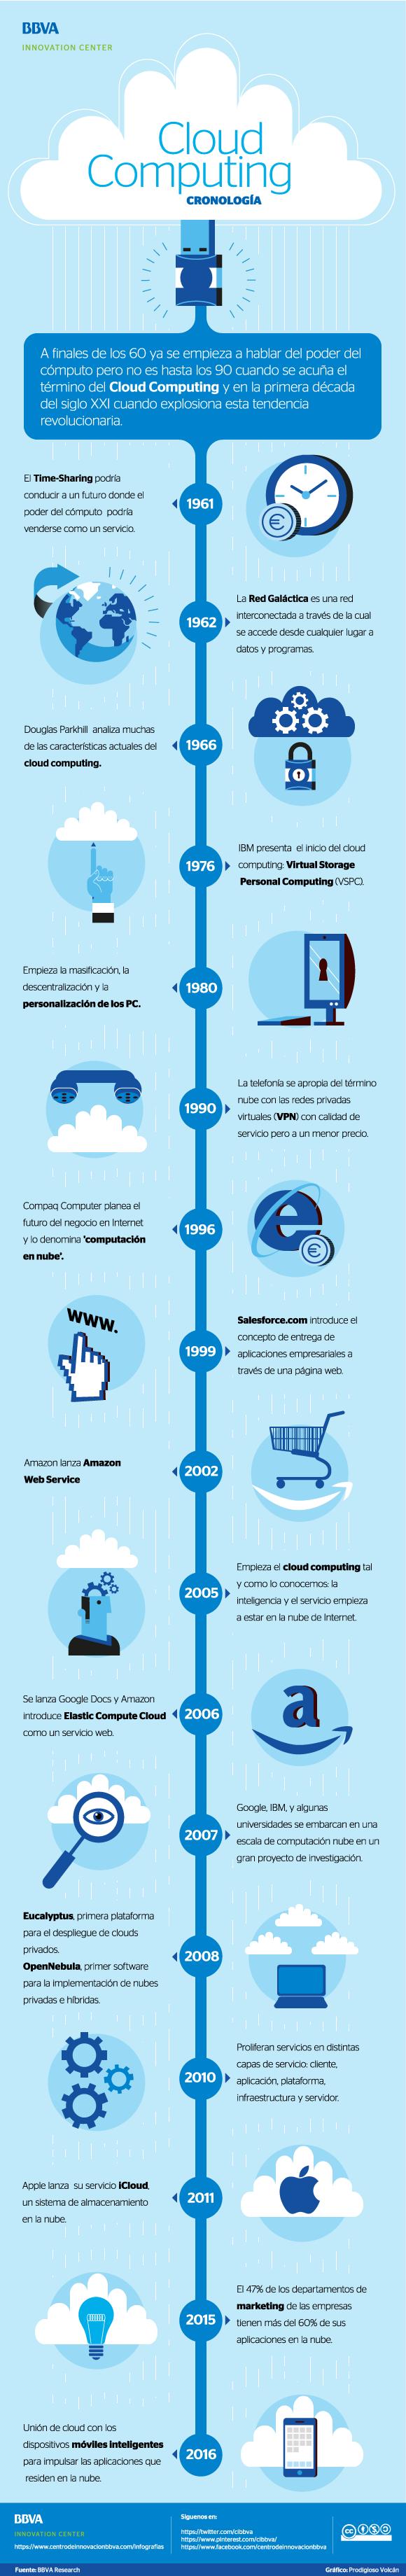 historia-del-cloud-computing-infografia